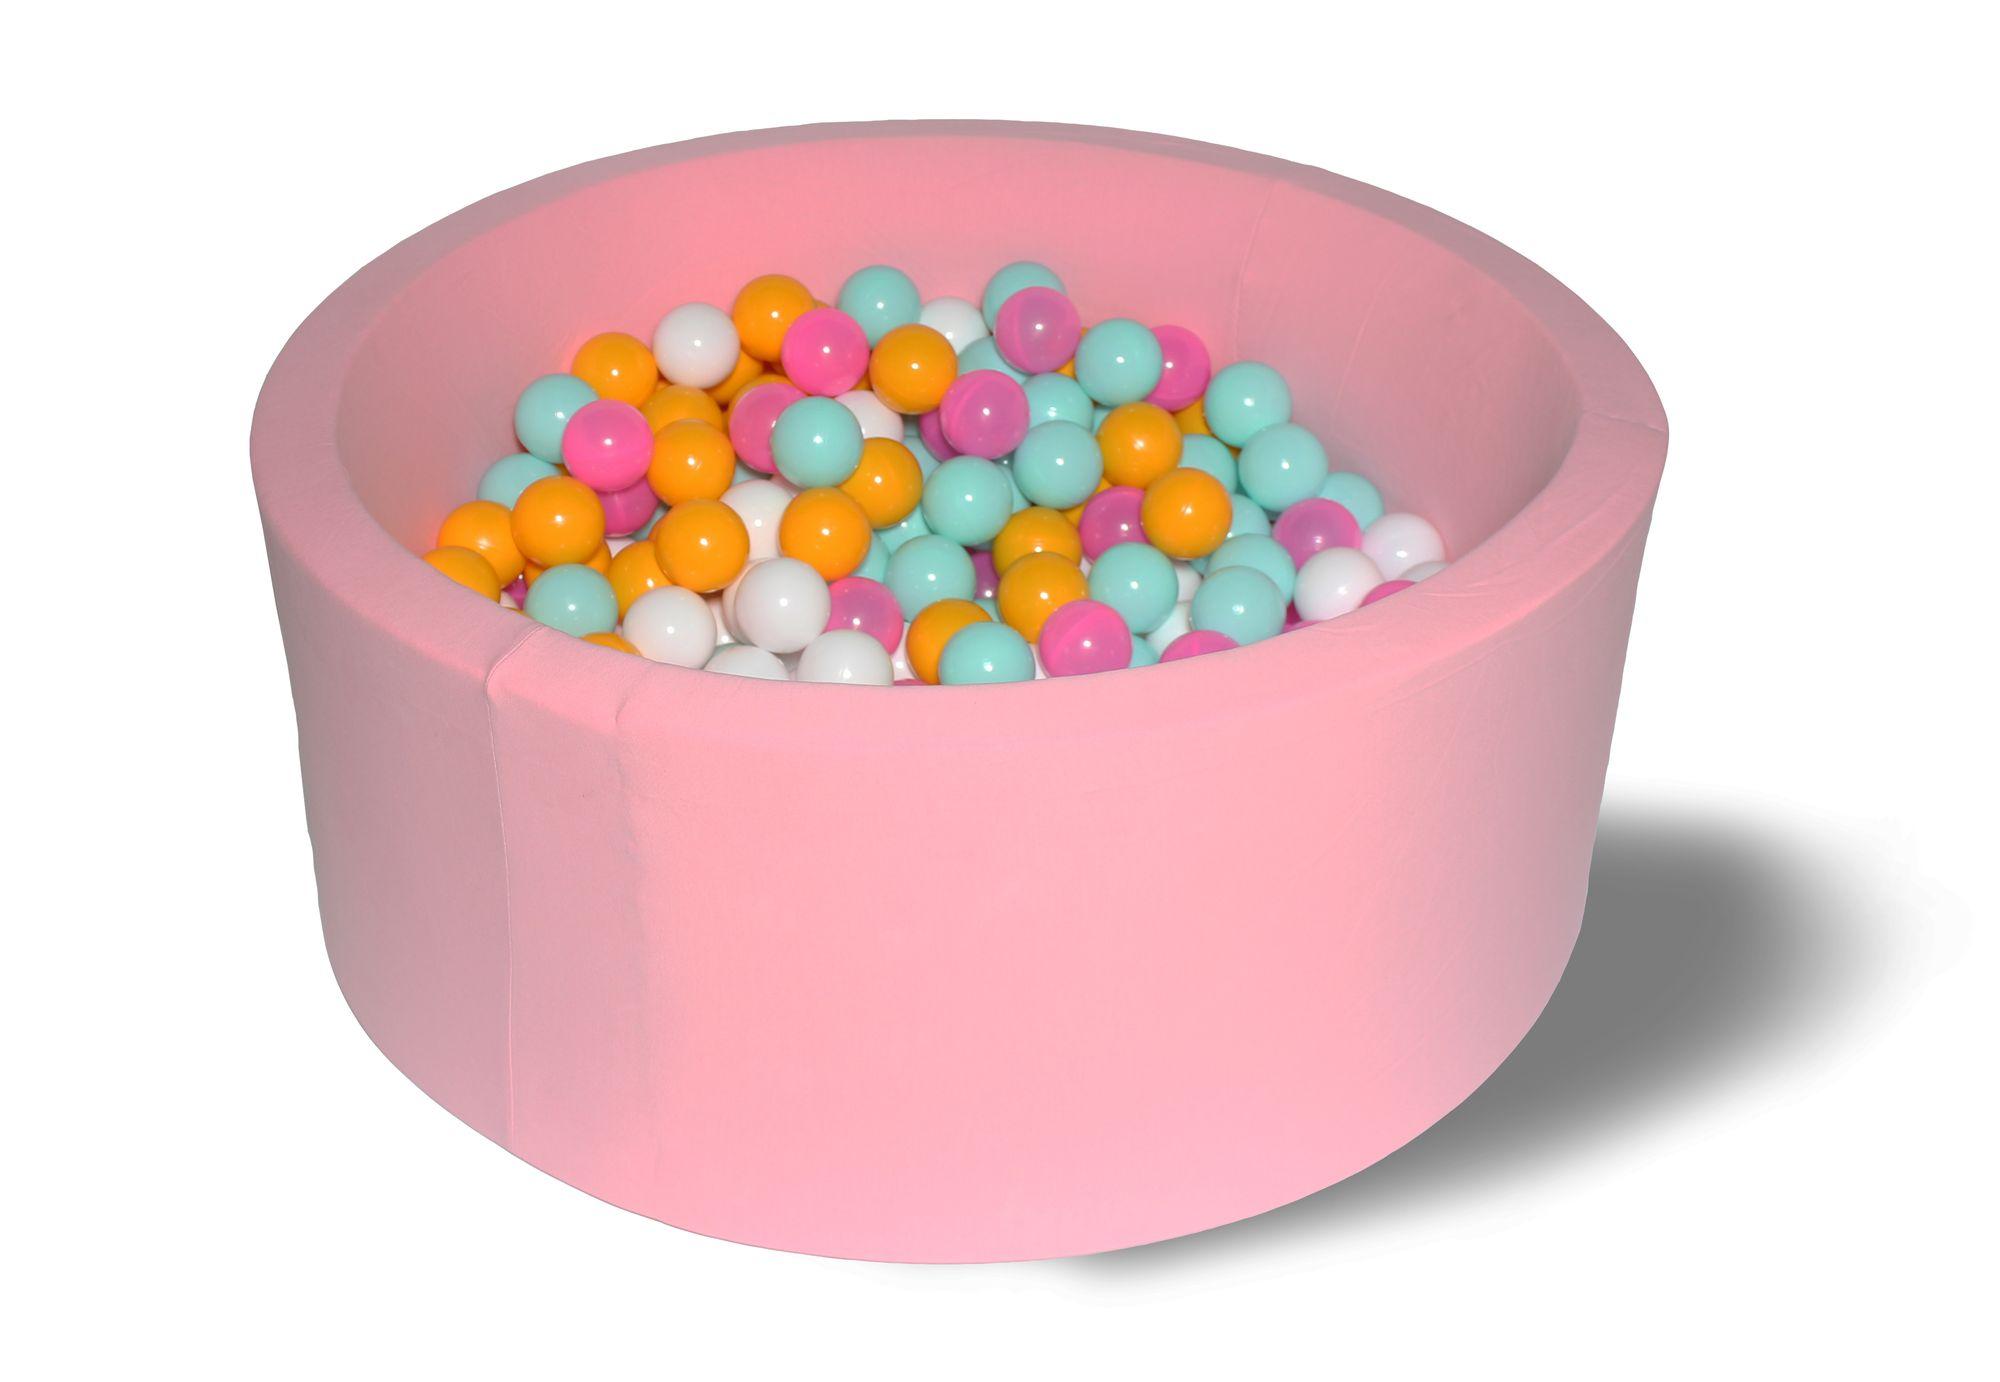 Купить Сухой игровой бассейн Розовый цветок 40см с 200 шариками: розовый, белый, желтый, мятный, Hotenok,